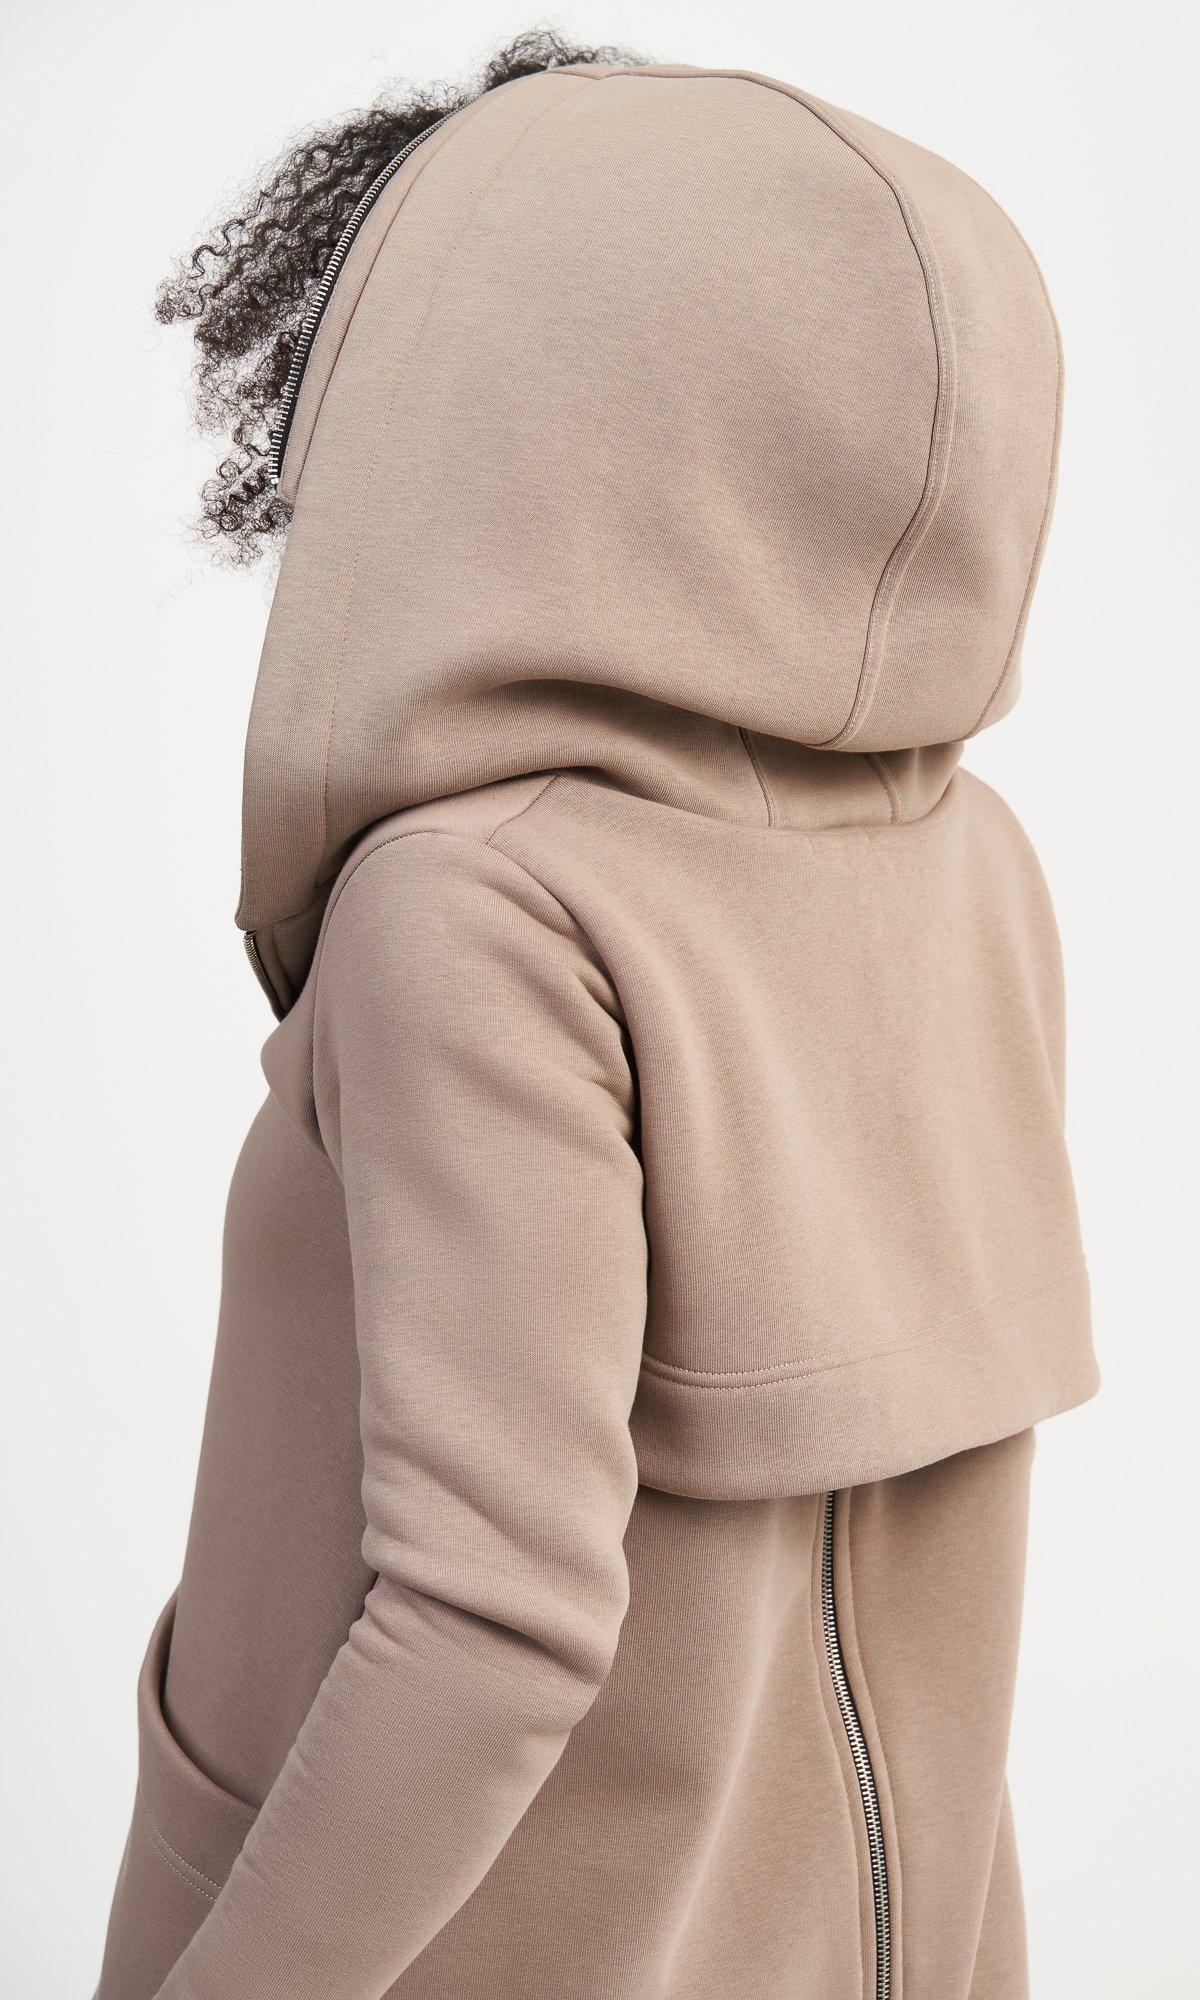 Long Zipper Hooded Sweatshirt